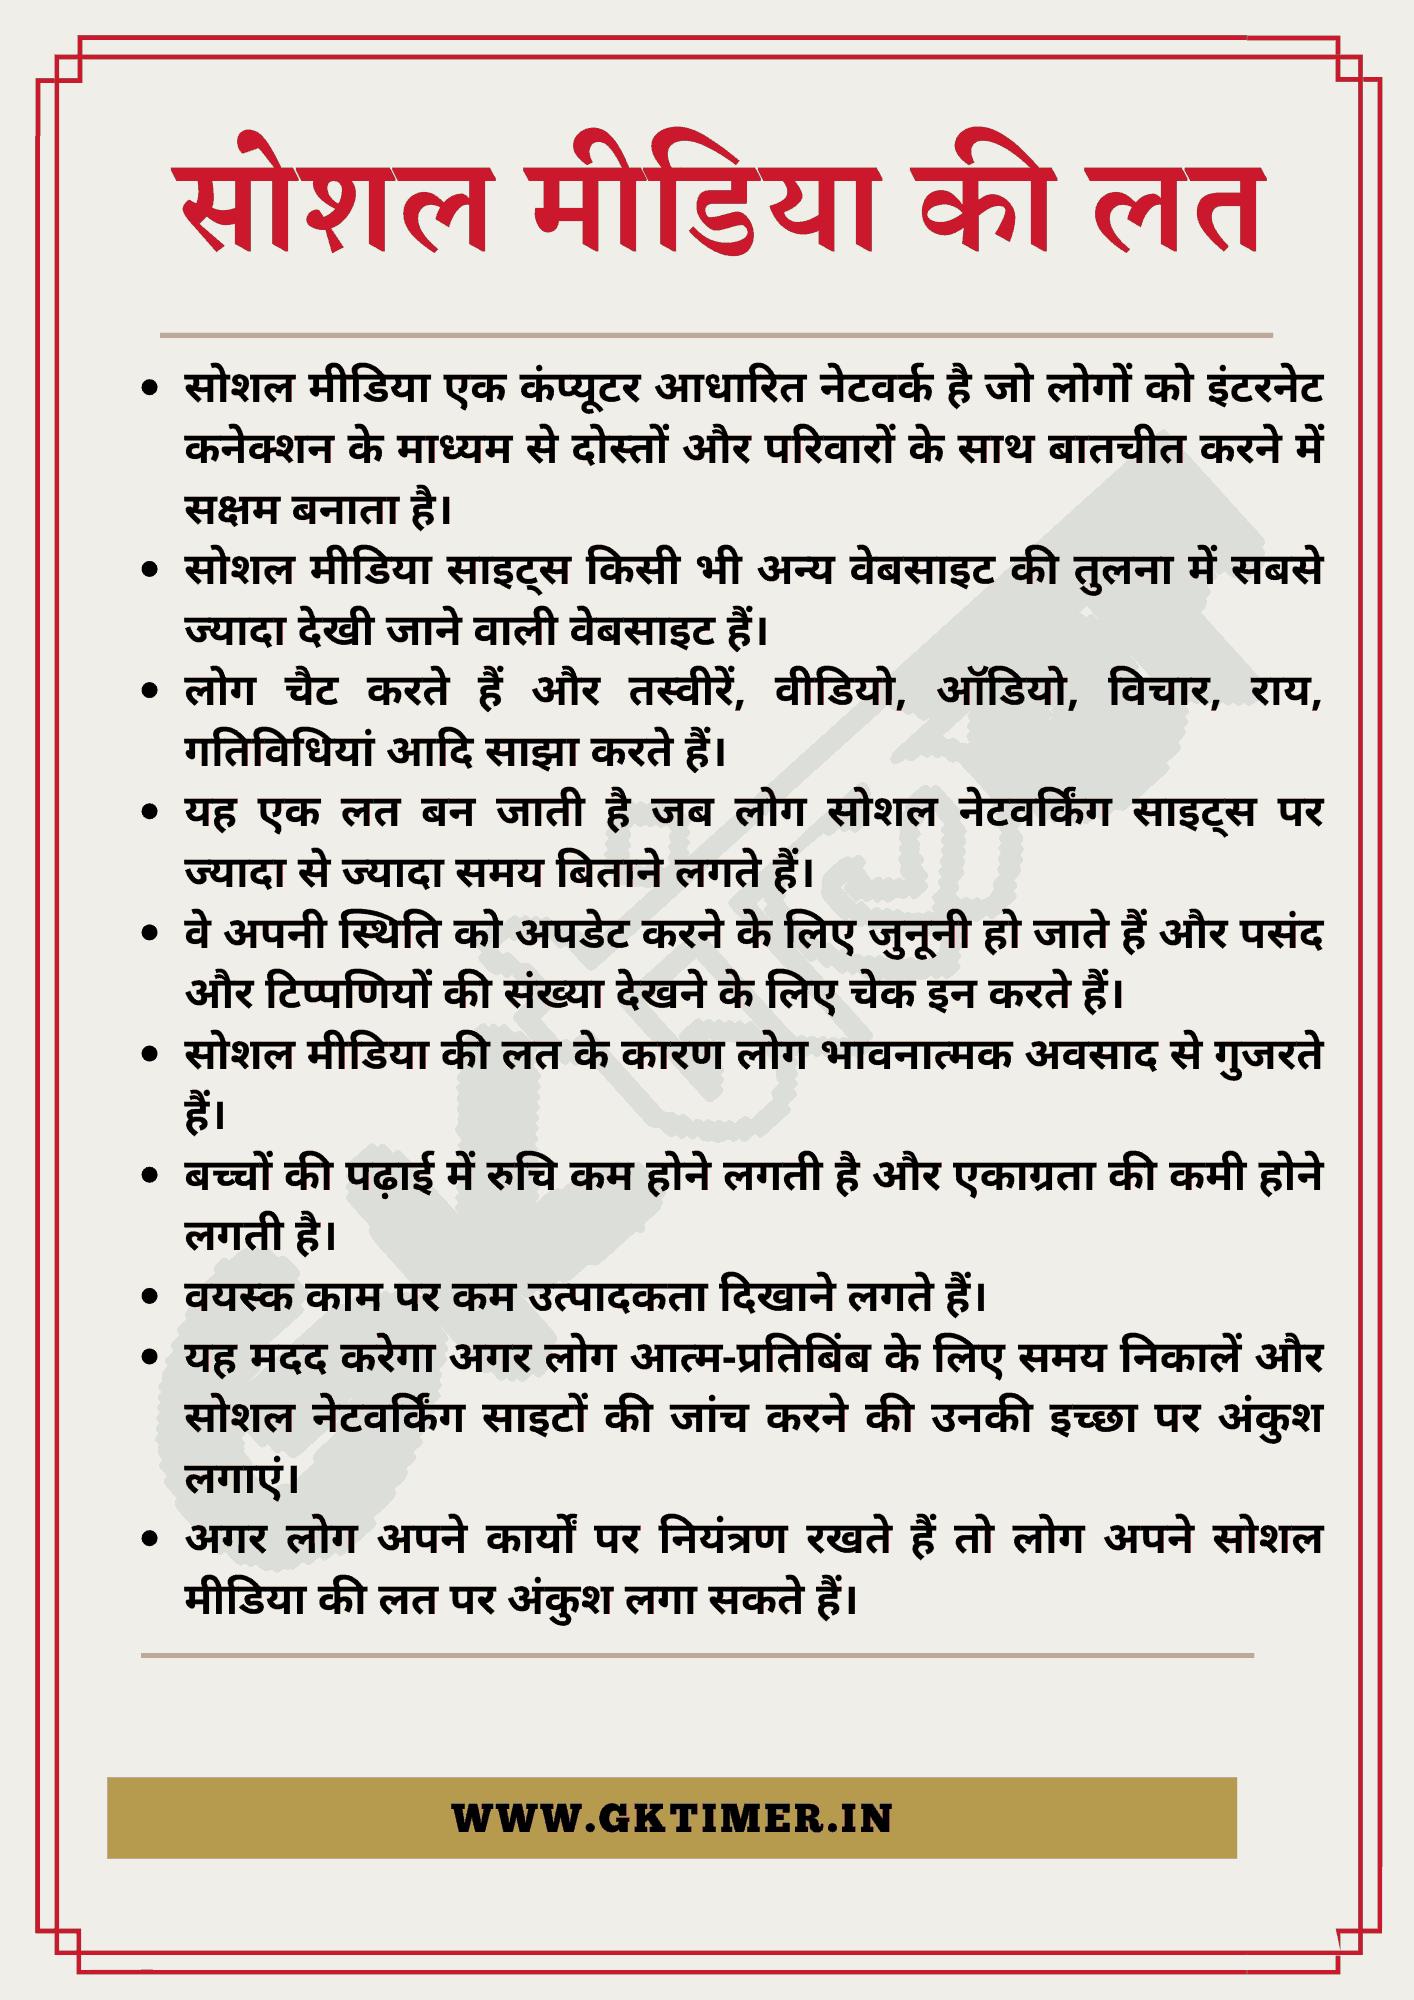 सोशल मीडिया की लत पर निबंध   Essay on Social Media Addiction in Hindi   10 Lines on Social Media Addiction in Hindi